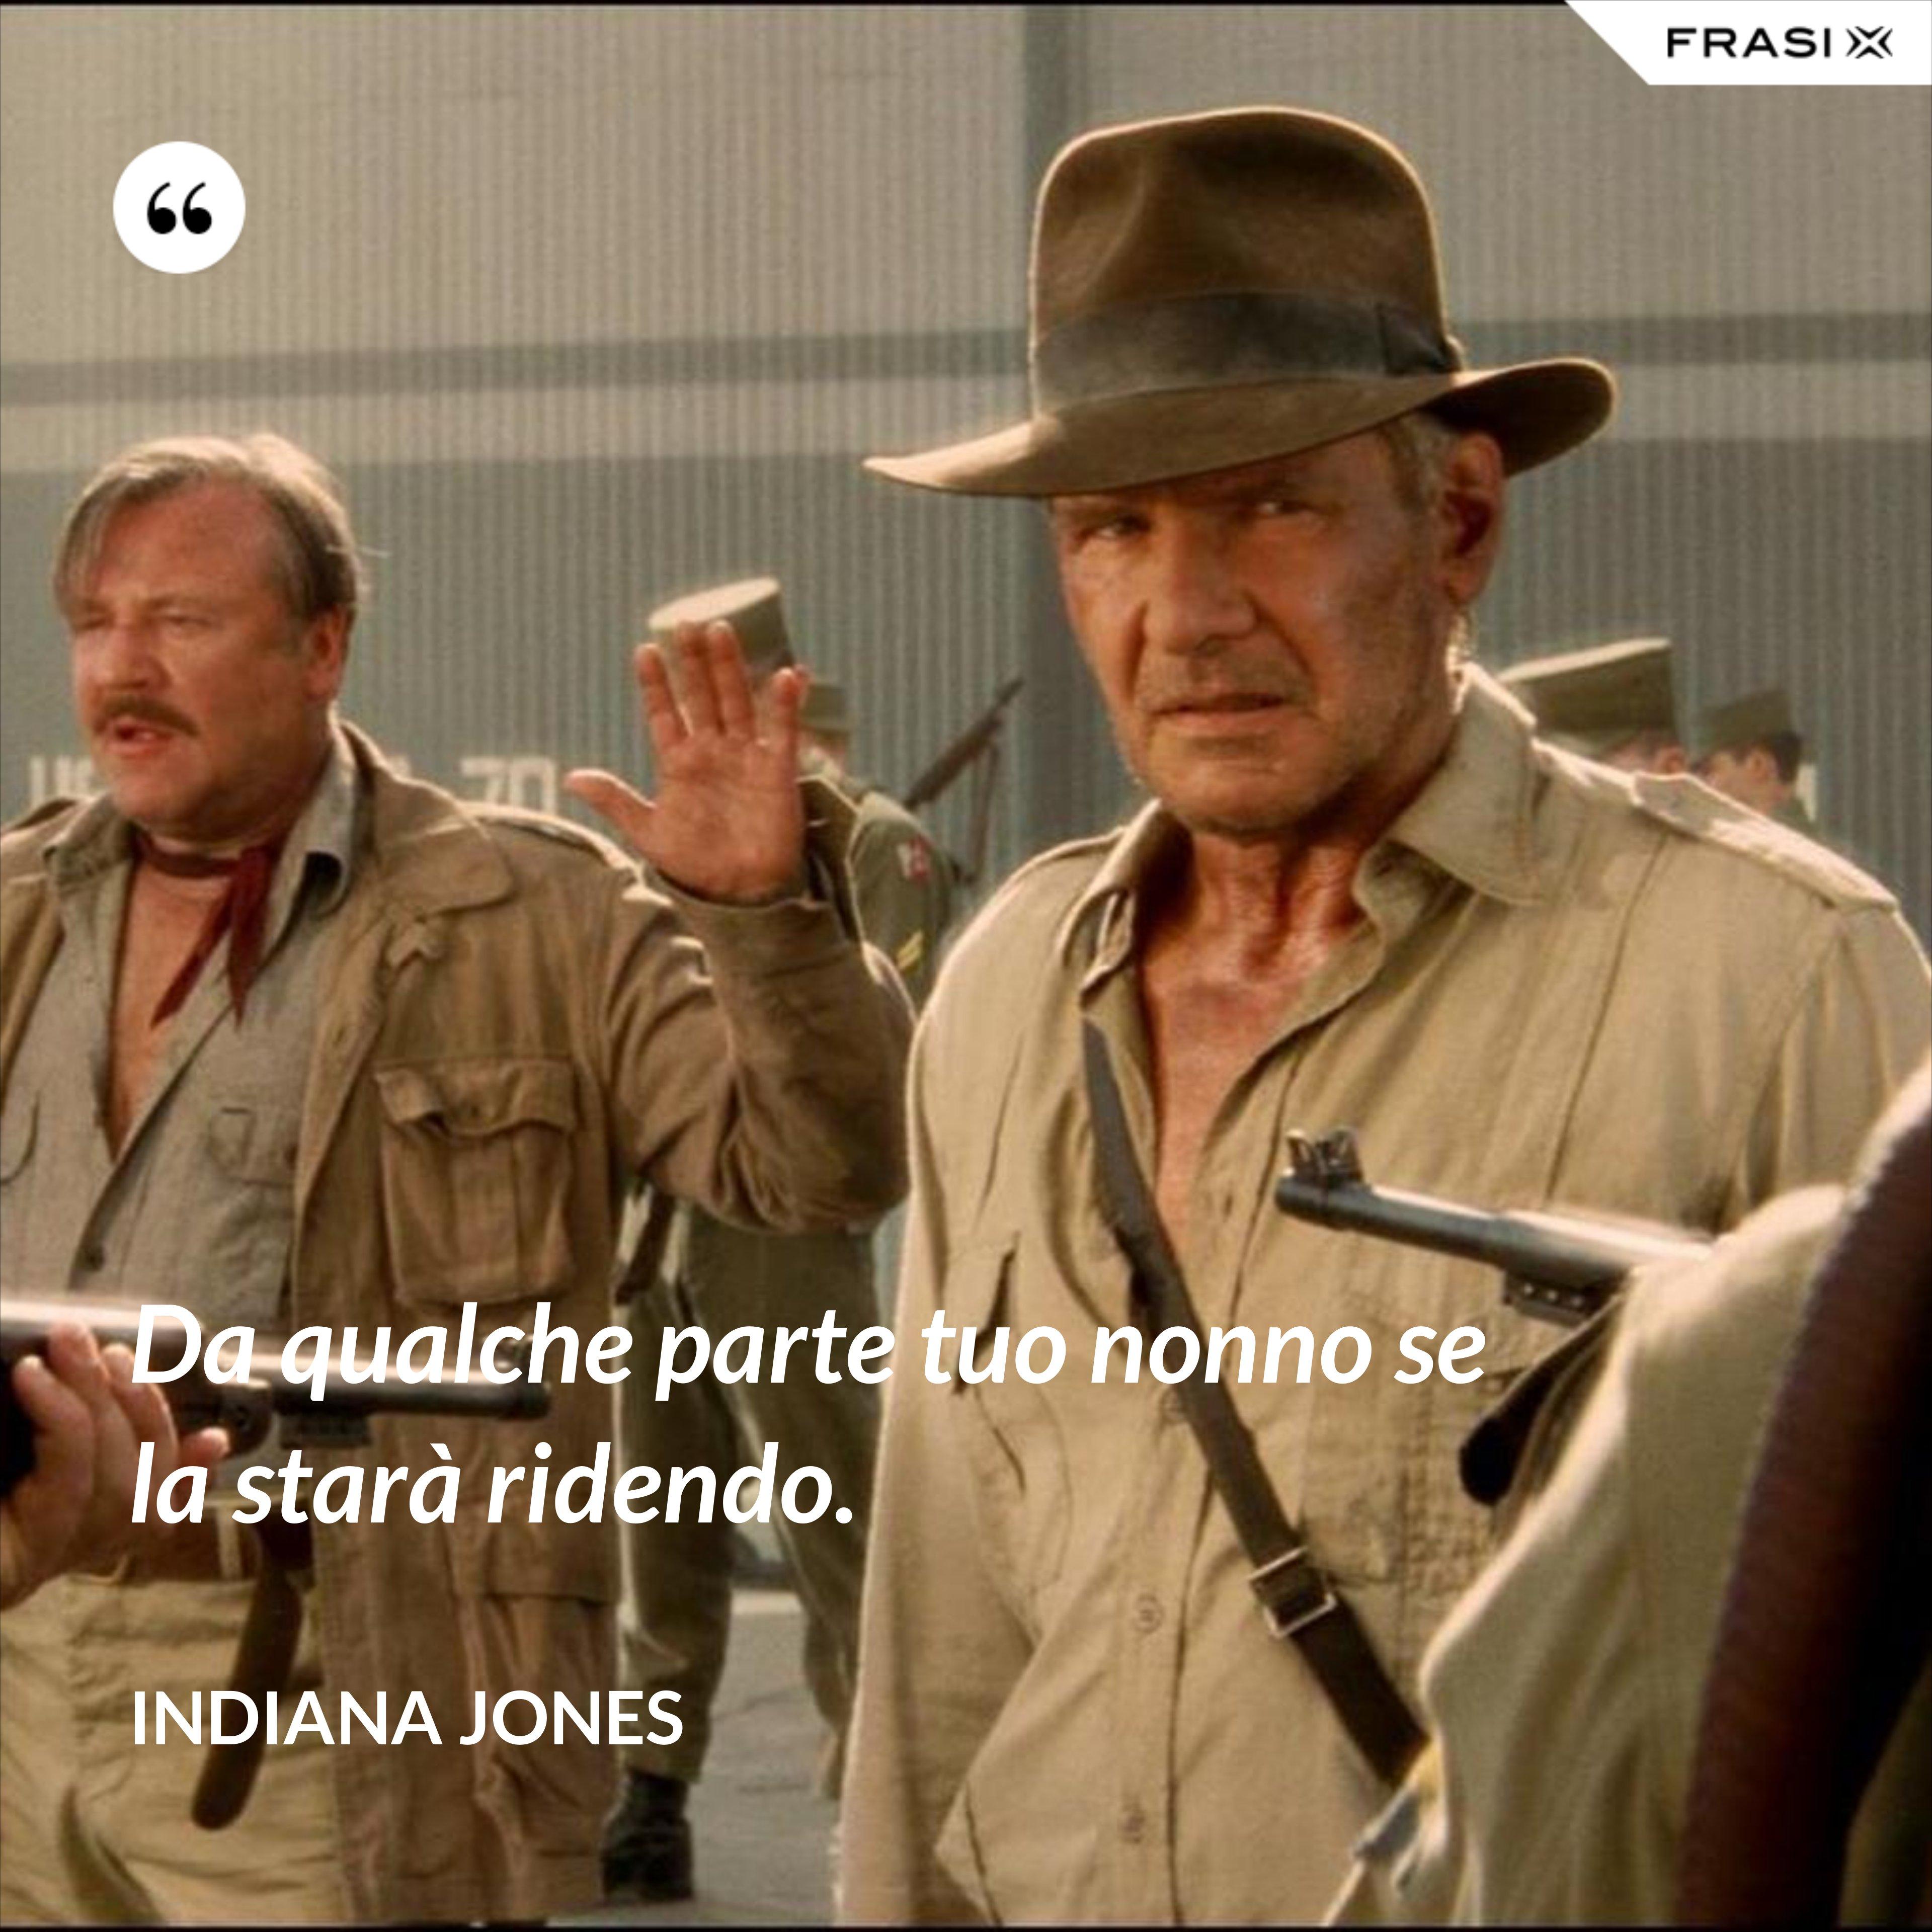 Da qualche parte tuo nonno se la starà ridendo. - Indiana Jones